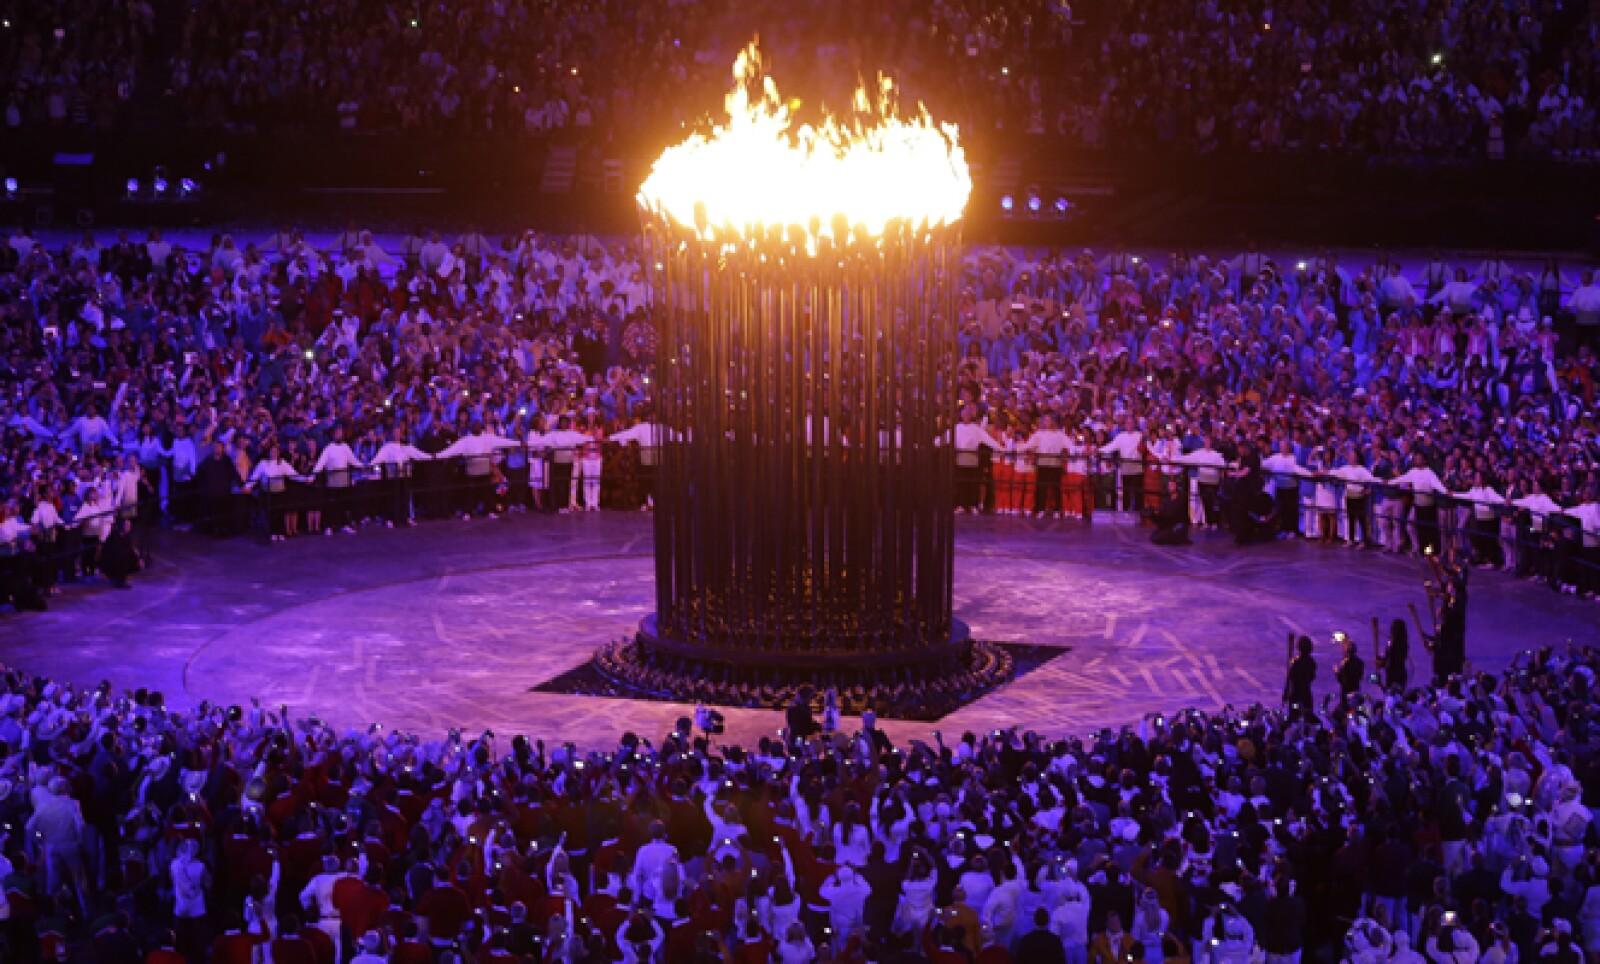 El pebetero de los Juegos Olímpicos está compuesto por 204 flamas, que representan el número de países que participan.